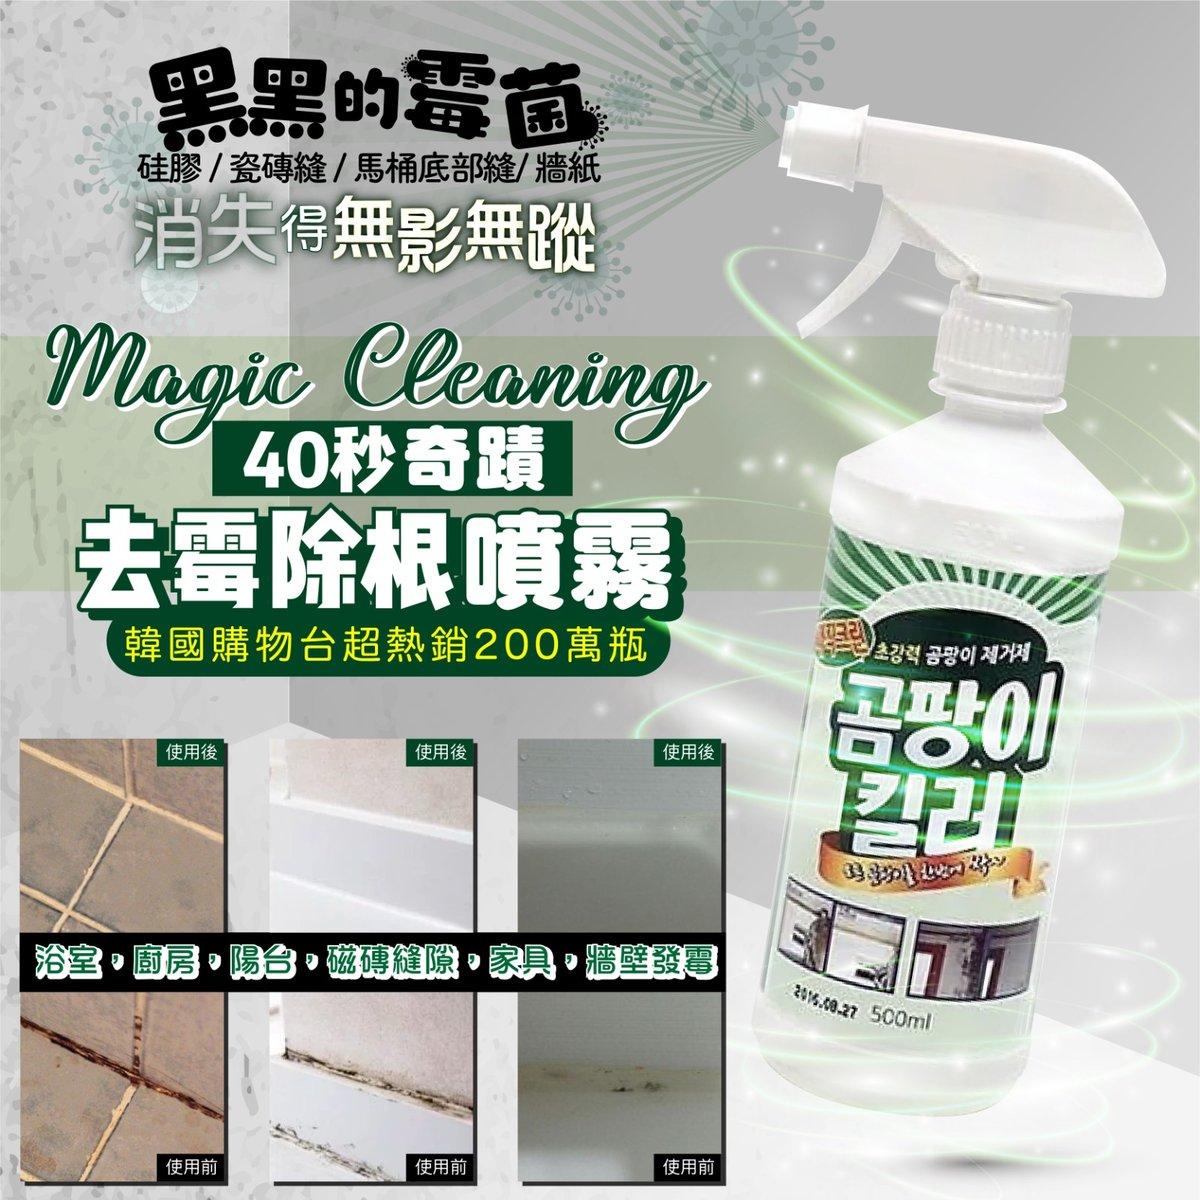 韓國製 Magic Cleaning 40秒奇蹟去霉除根噴霧500ml